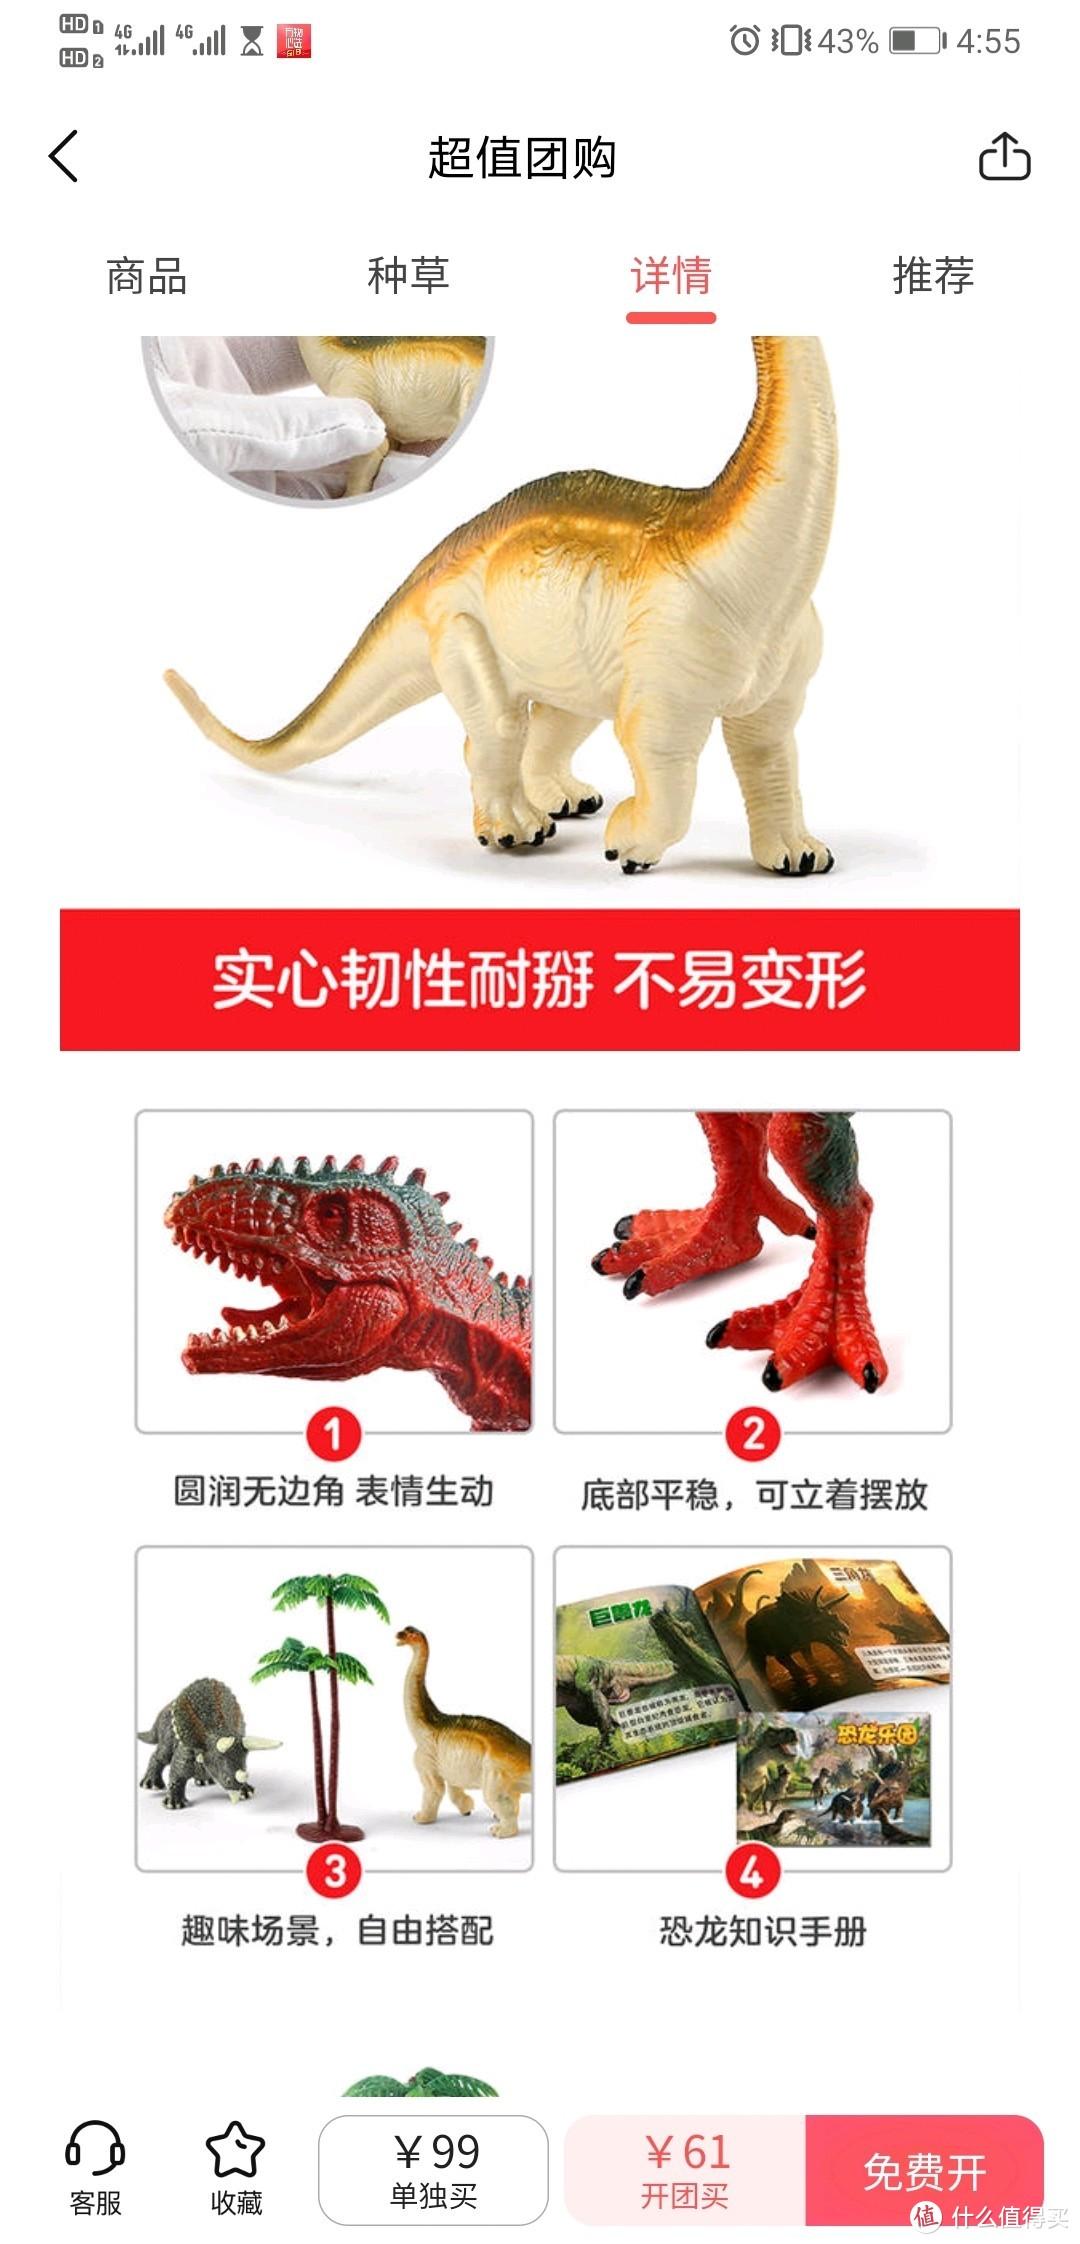 商家没有提示坚硬,和尖角问题,敢情这个玩具三岁的孩子都是拿来当摆件的吗?